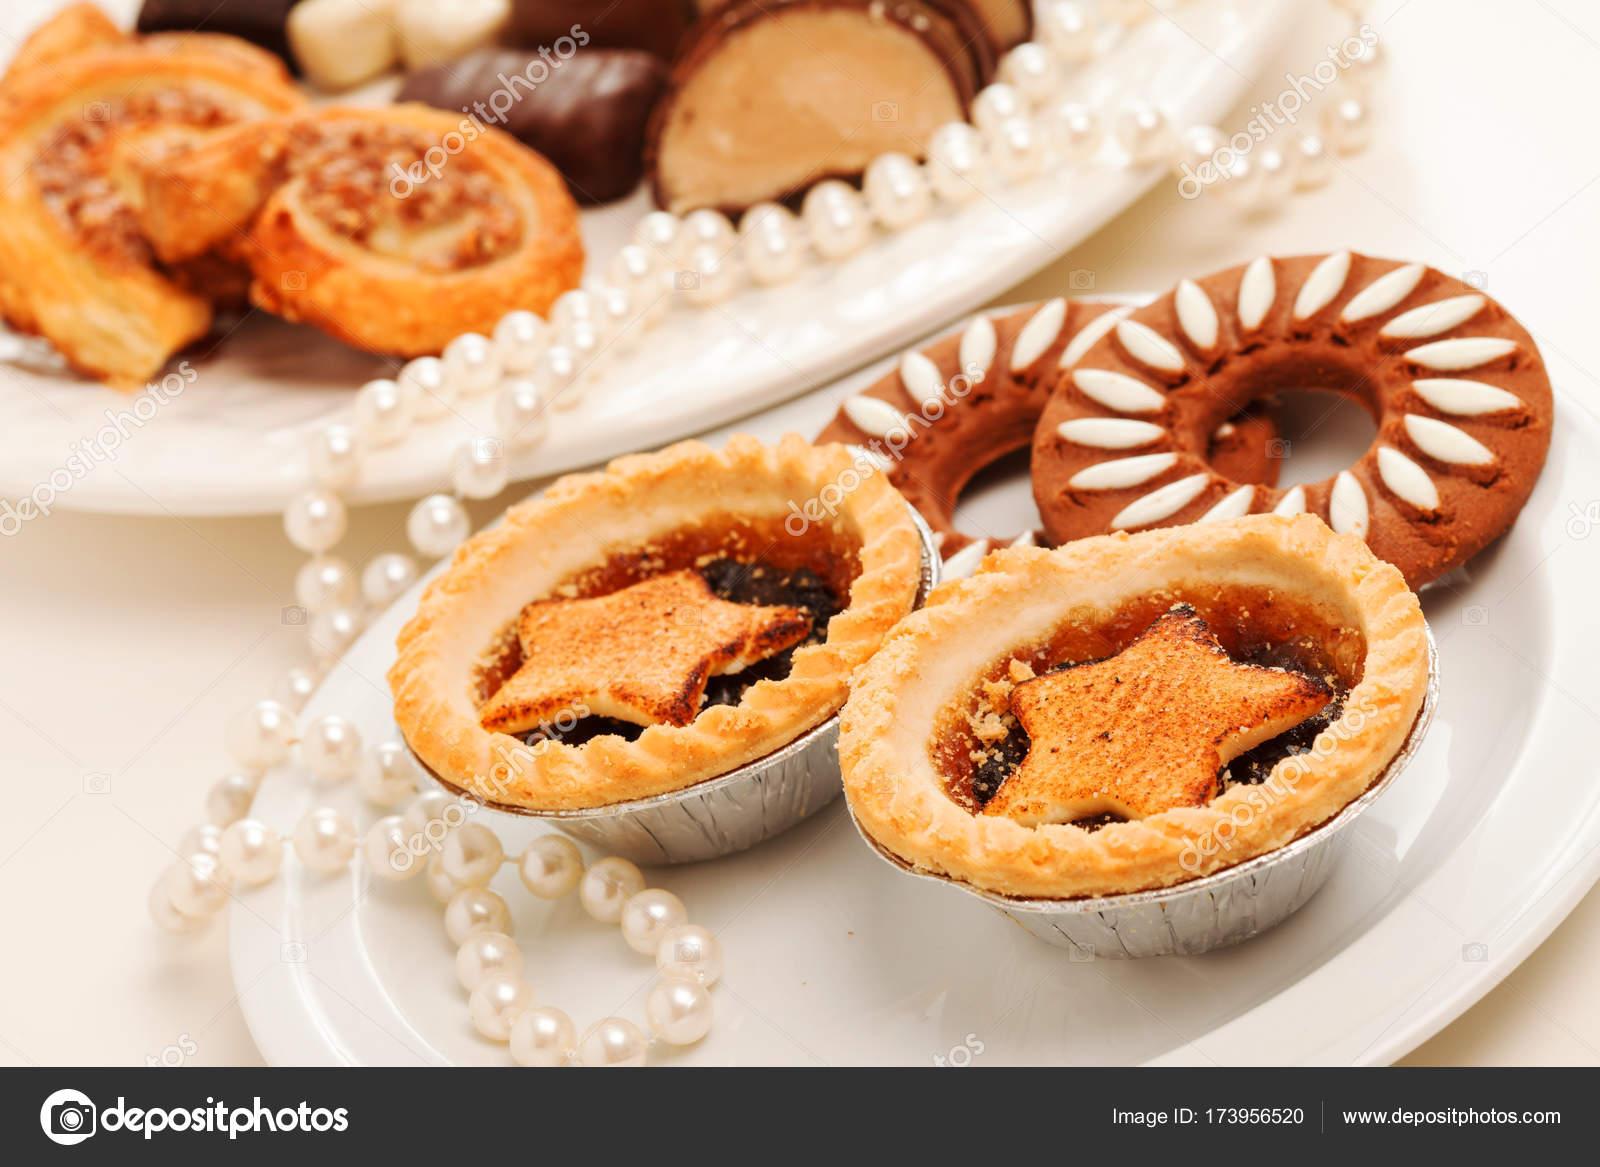 Traditionelles Weihnachtsgebäck.Traditionelles Weihnachtsgebäck Stockfoto Shebeko 173956520